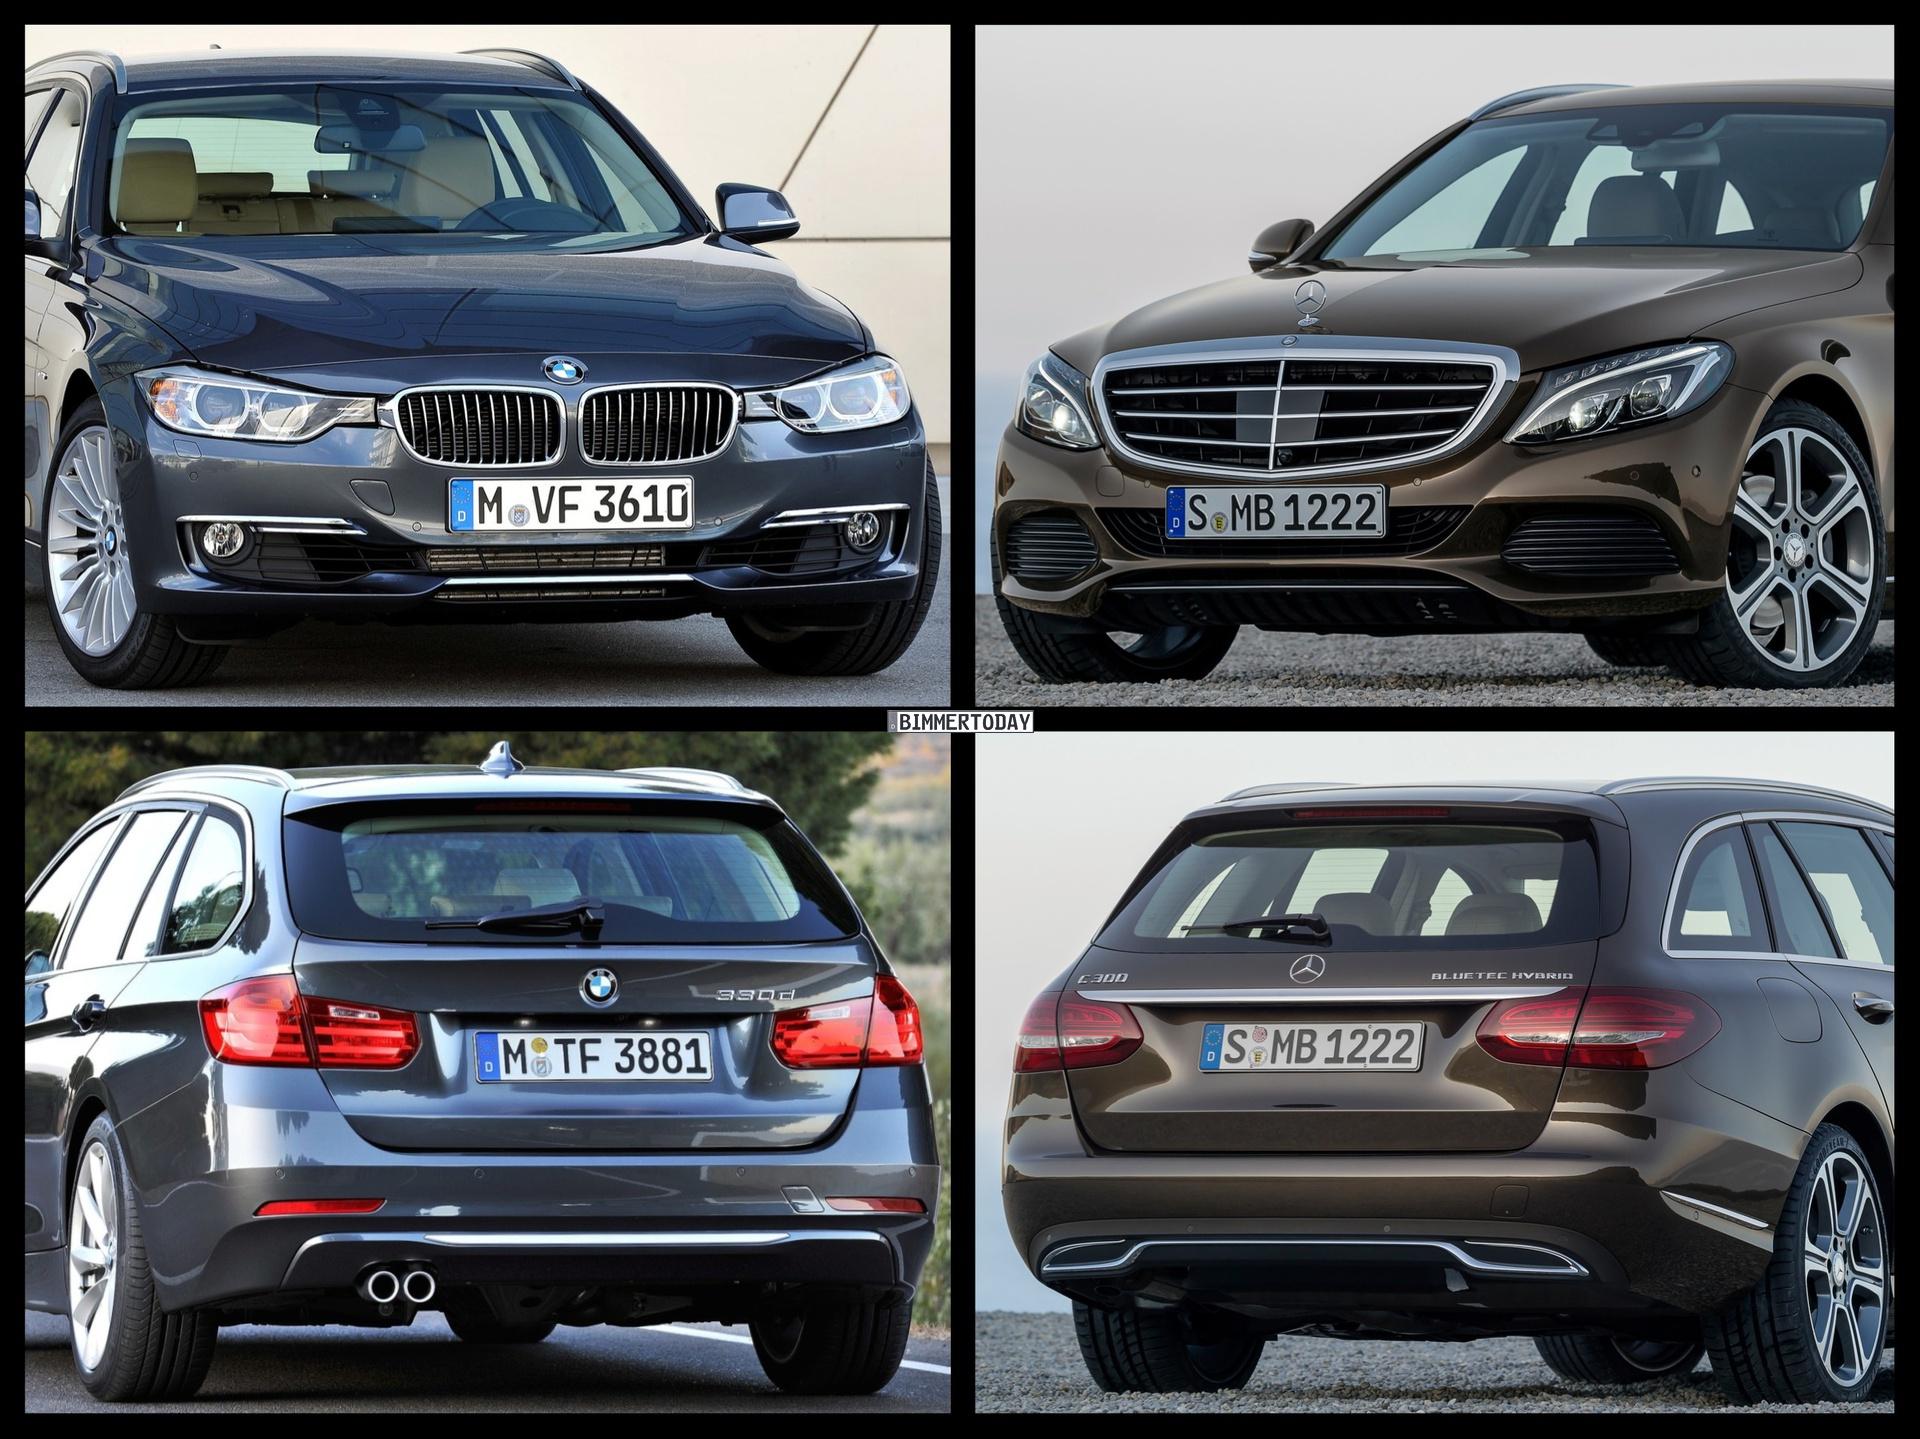 Bild Vergleich Mercedes C Klasse T Modell 2014 Trifft Bmw